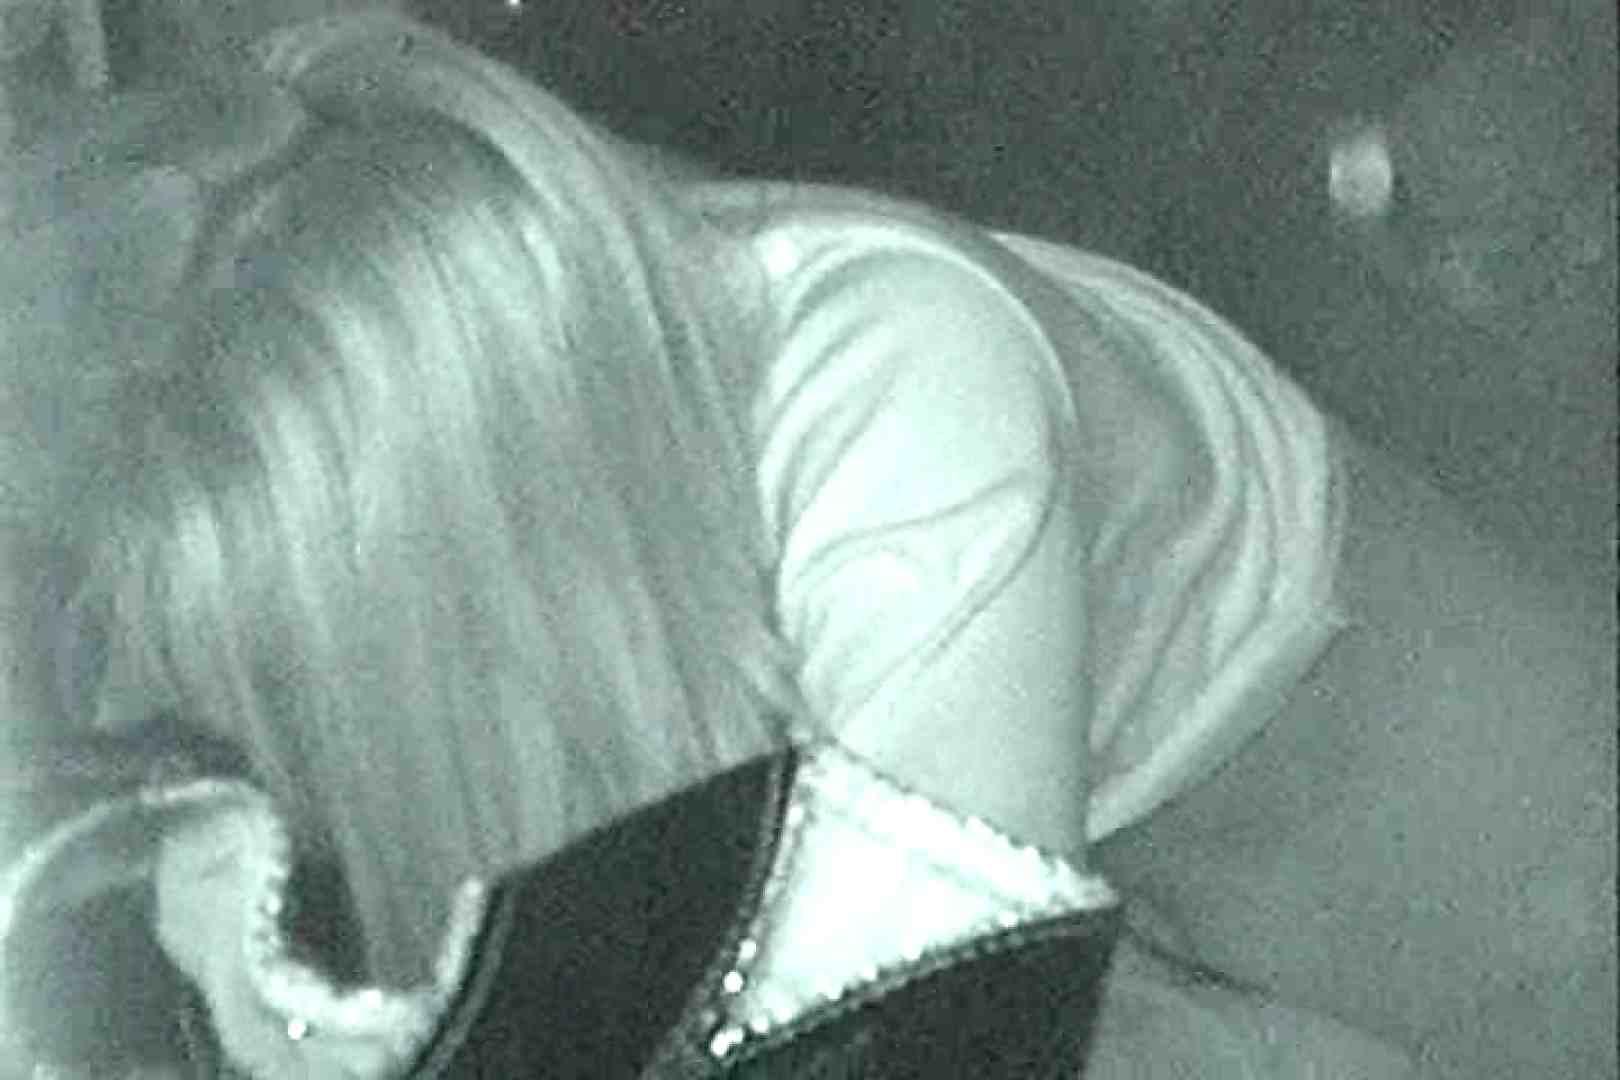 充血監督の深夜の運動会Vol.16 高画質 盗み撮り動画キャプチャ 109PIX 99